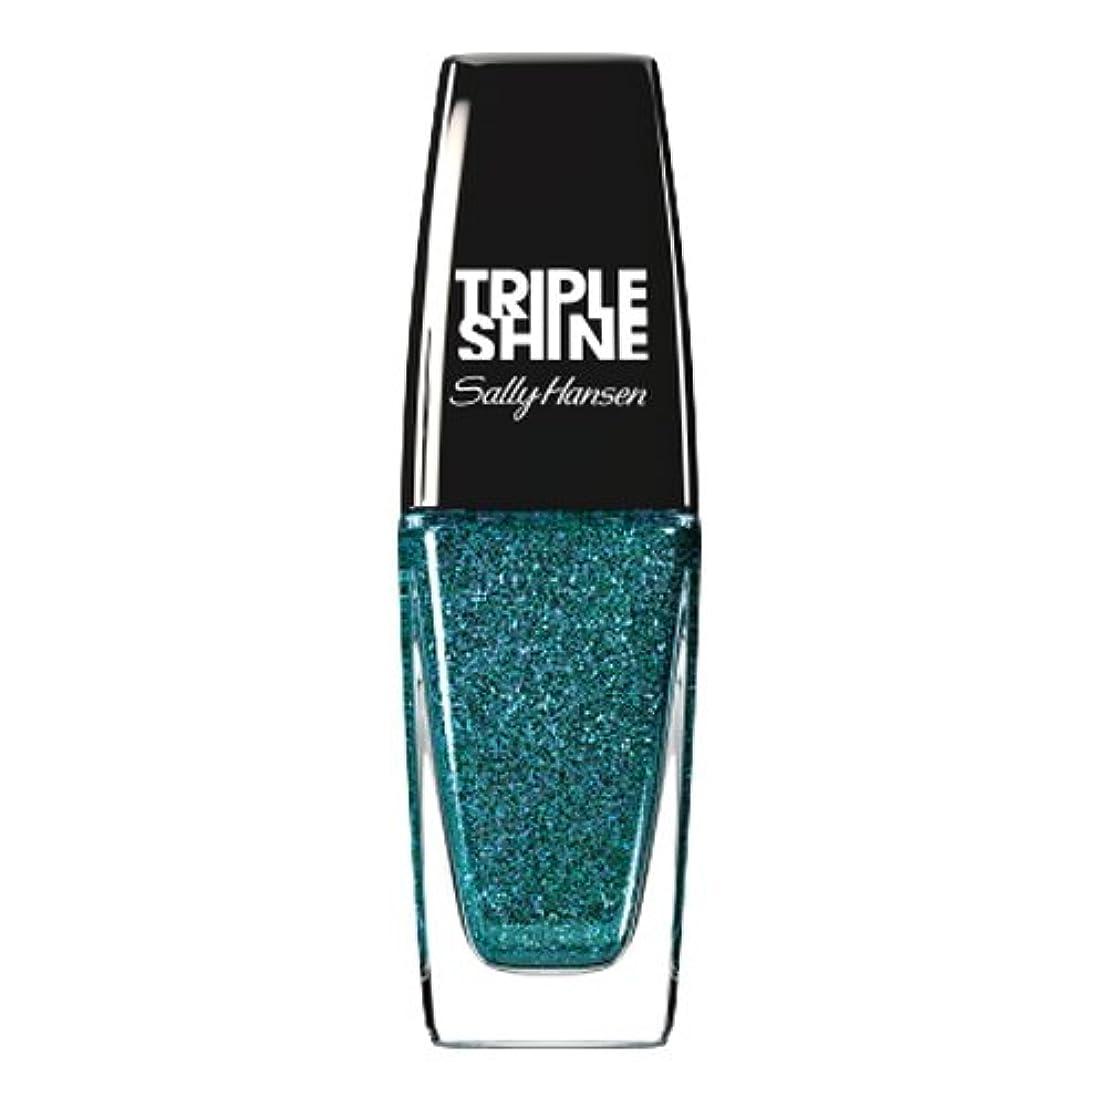 会話男やもめアナロジーSALLY HANSEN Triple Shine Nail Polish - Sparkling Water (並行輸入品)